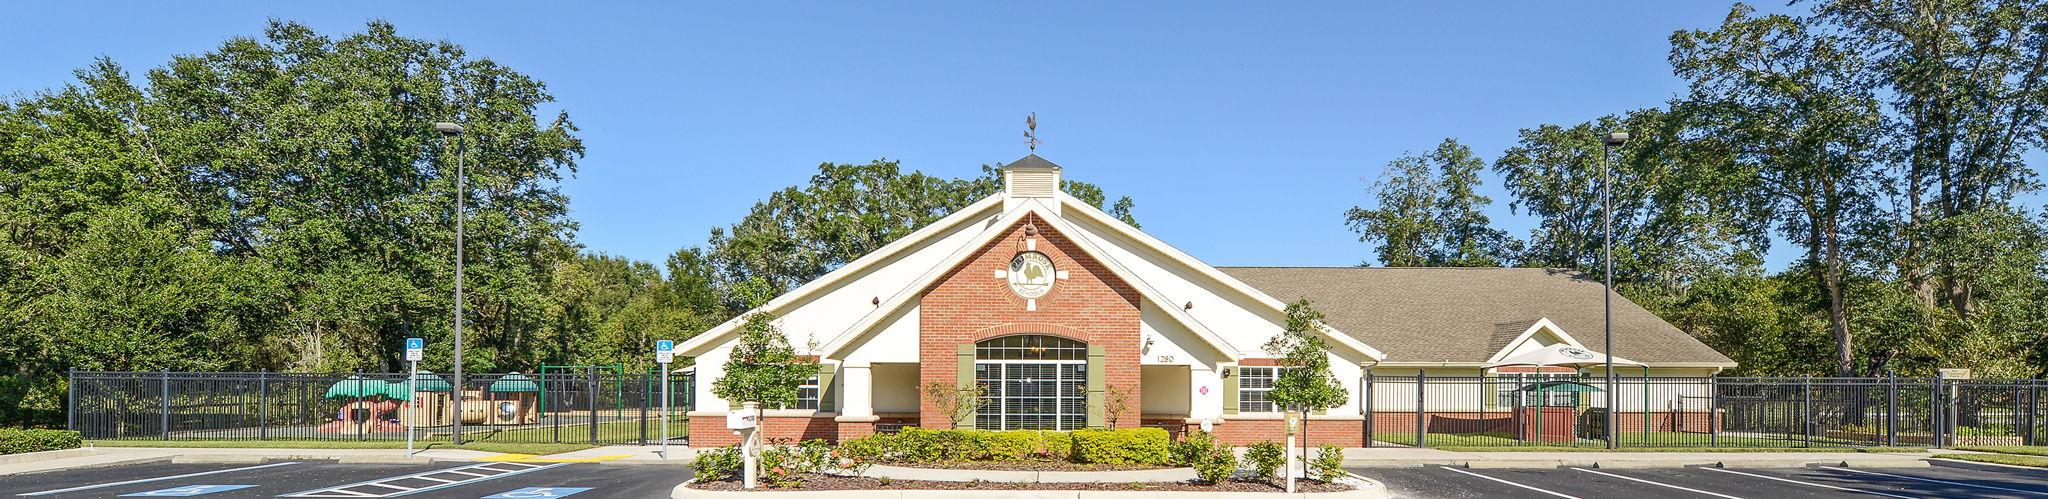 Exterior of a Primrose School of Bloomingdale